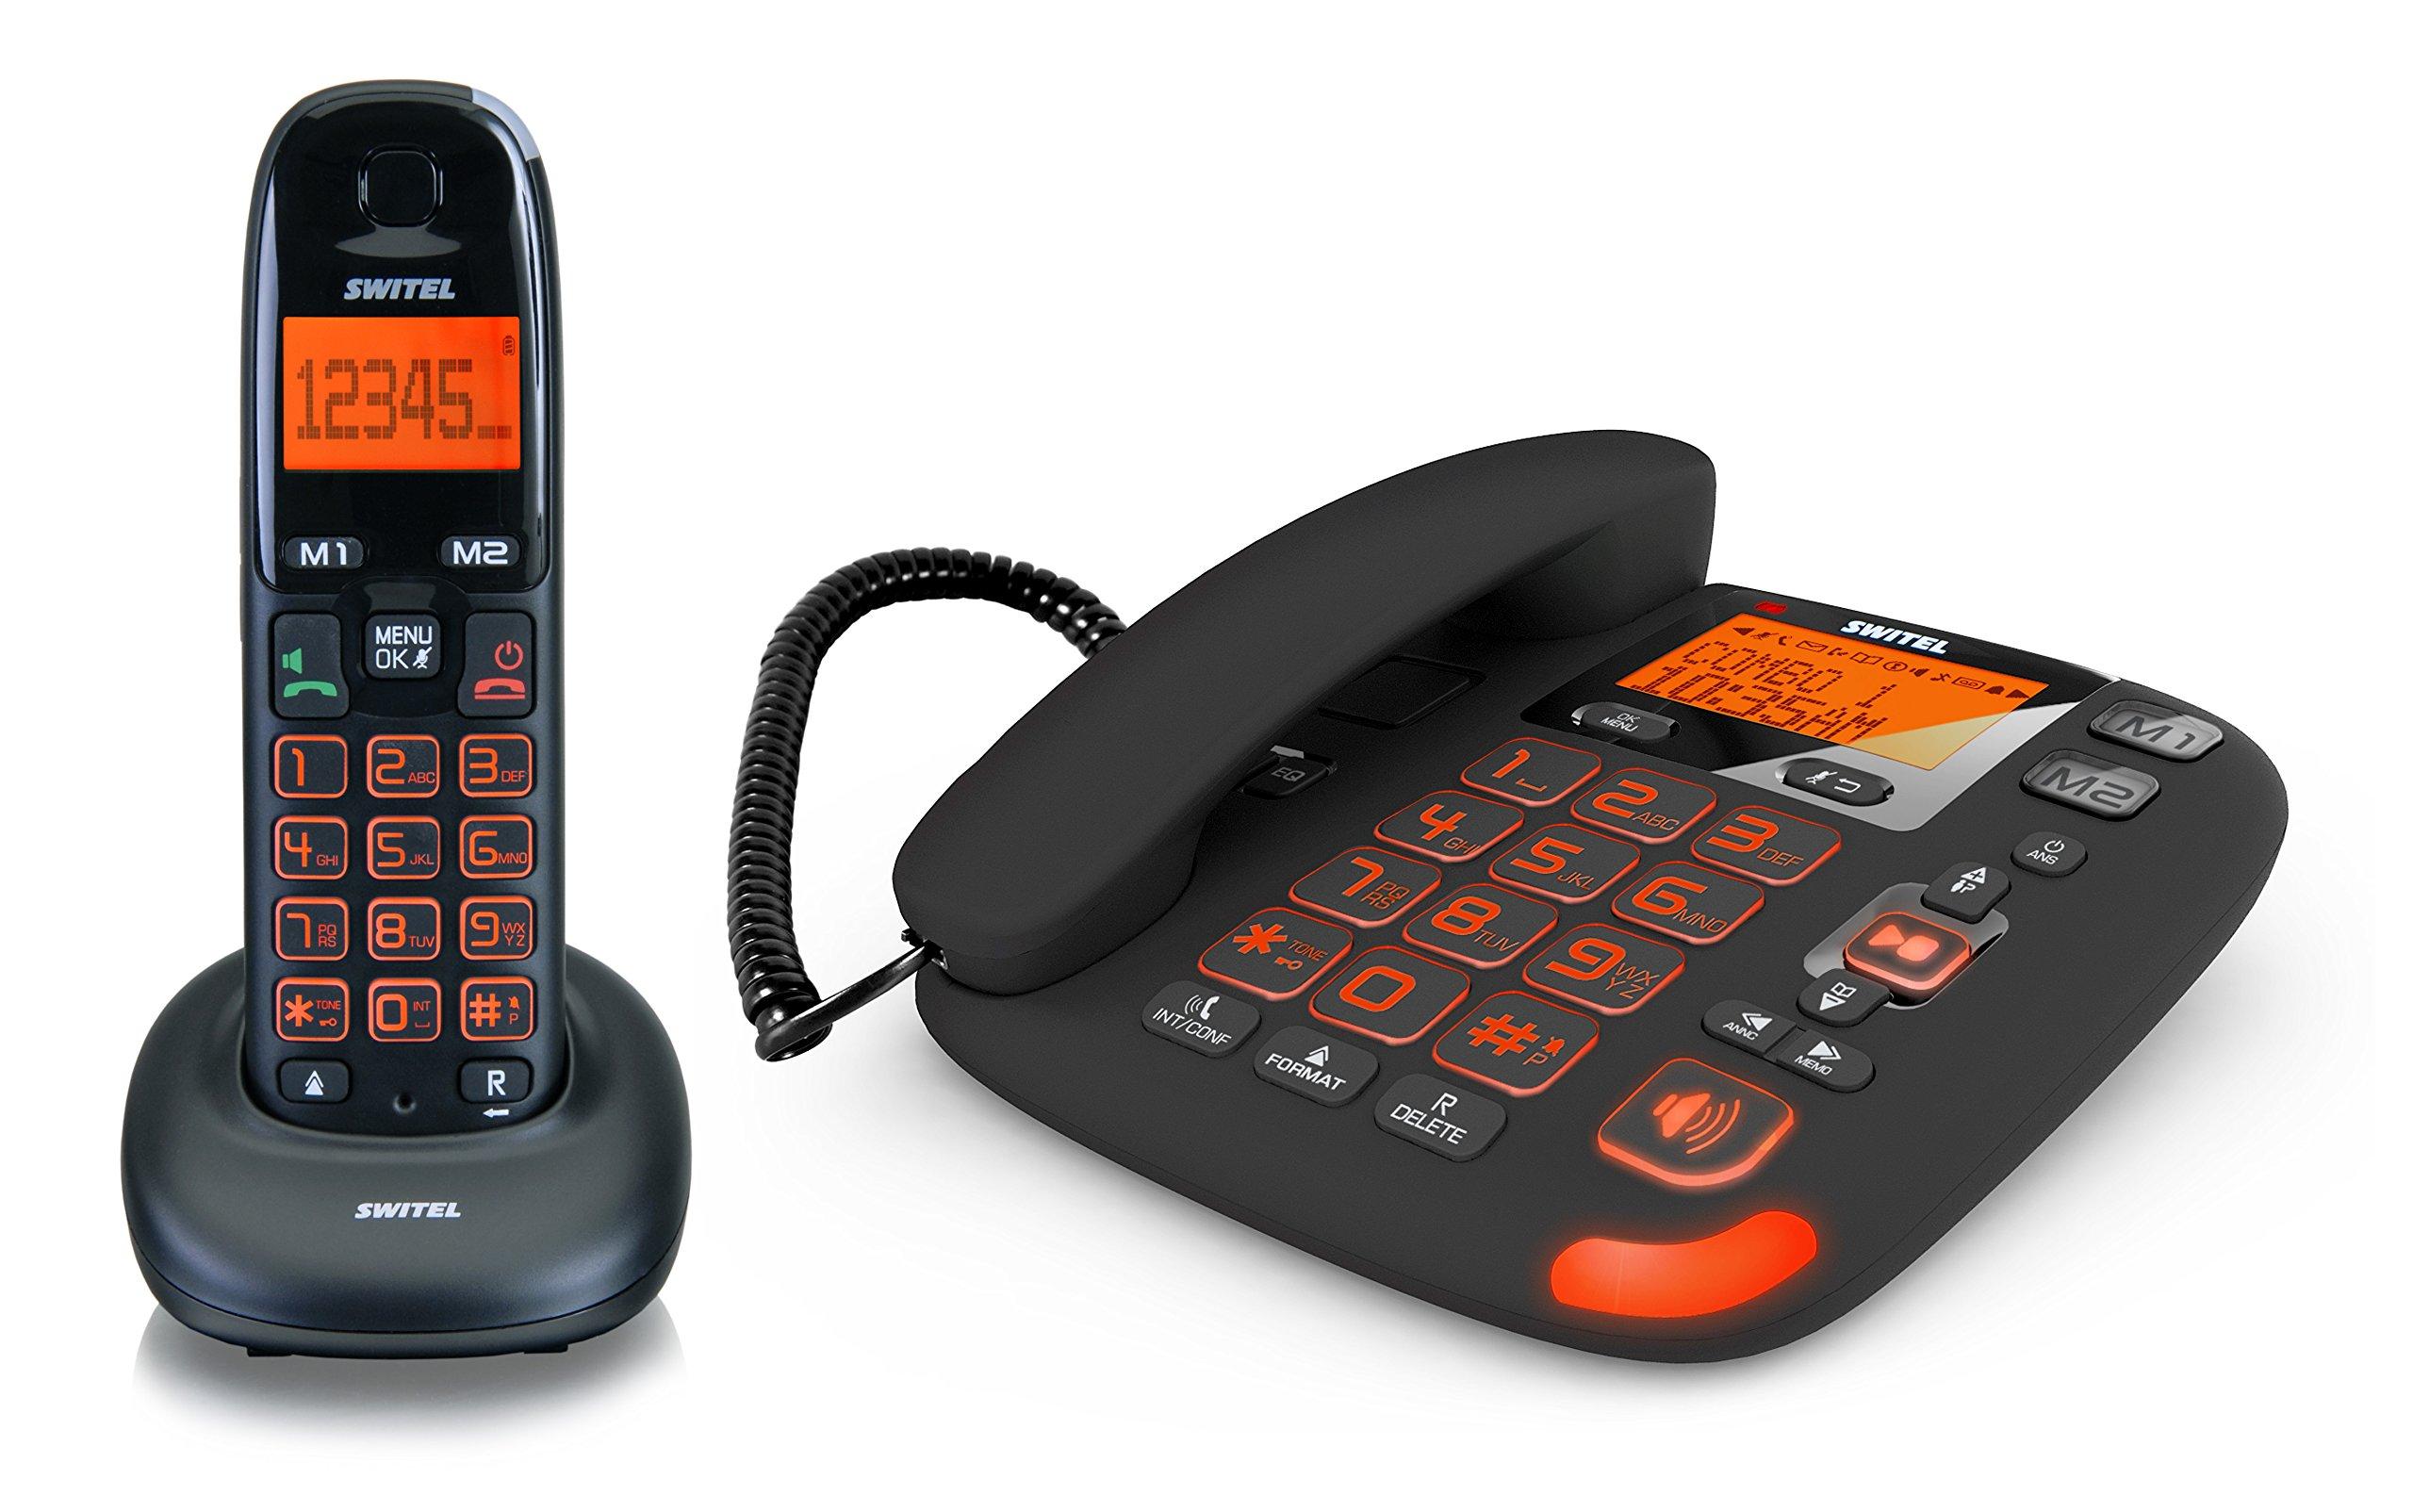 Switel DCT 50072 C VITA - Conjunto de teléfonos: con conexión por cable y teléfono inalámbrico (DECT), importado: Amazon.es: Electrónica